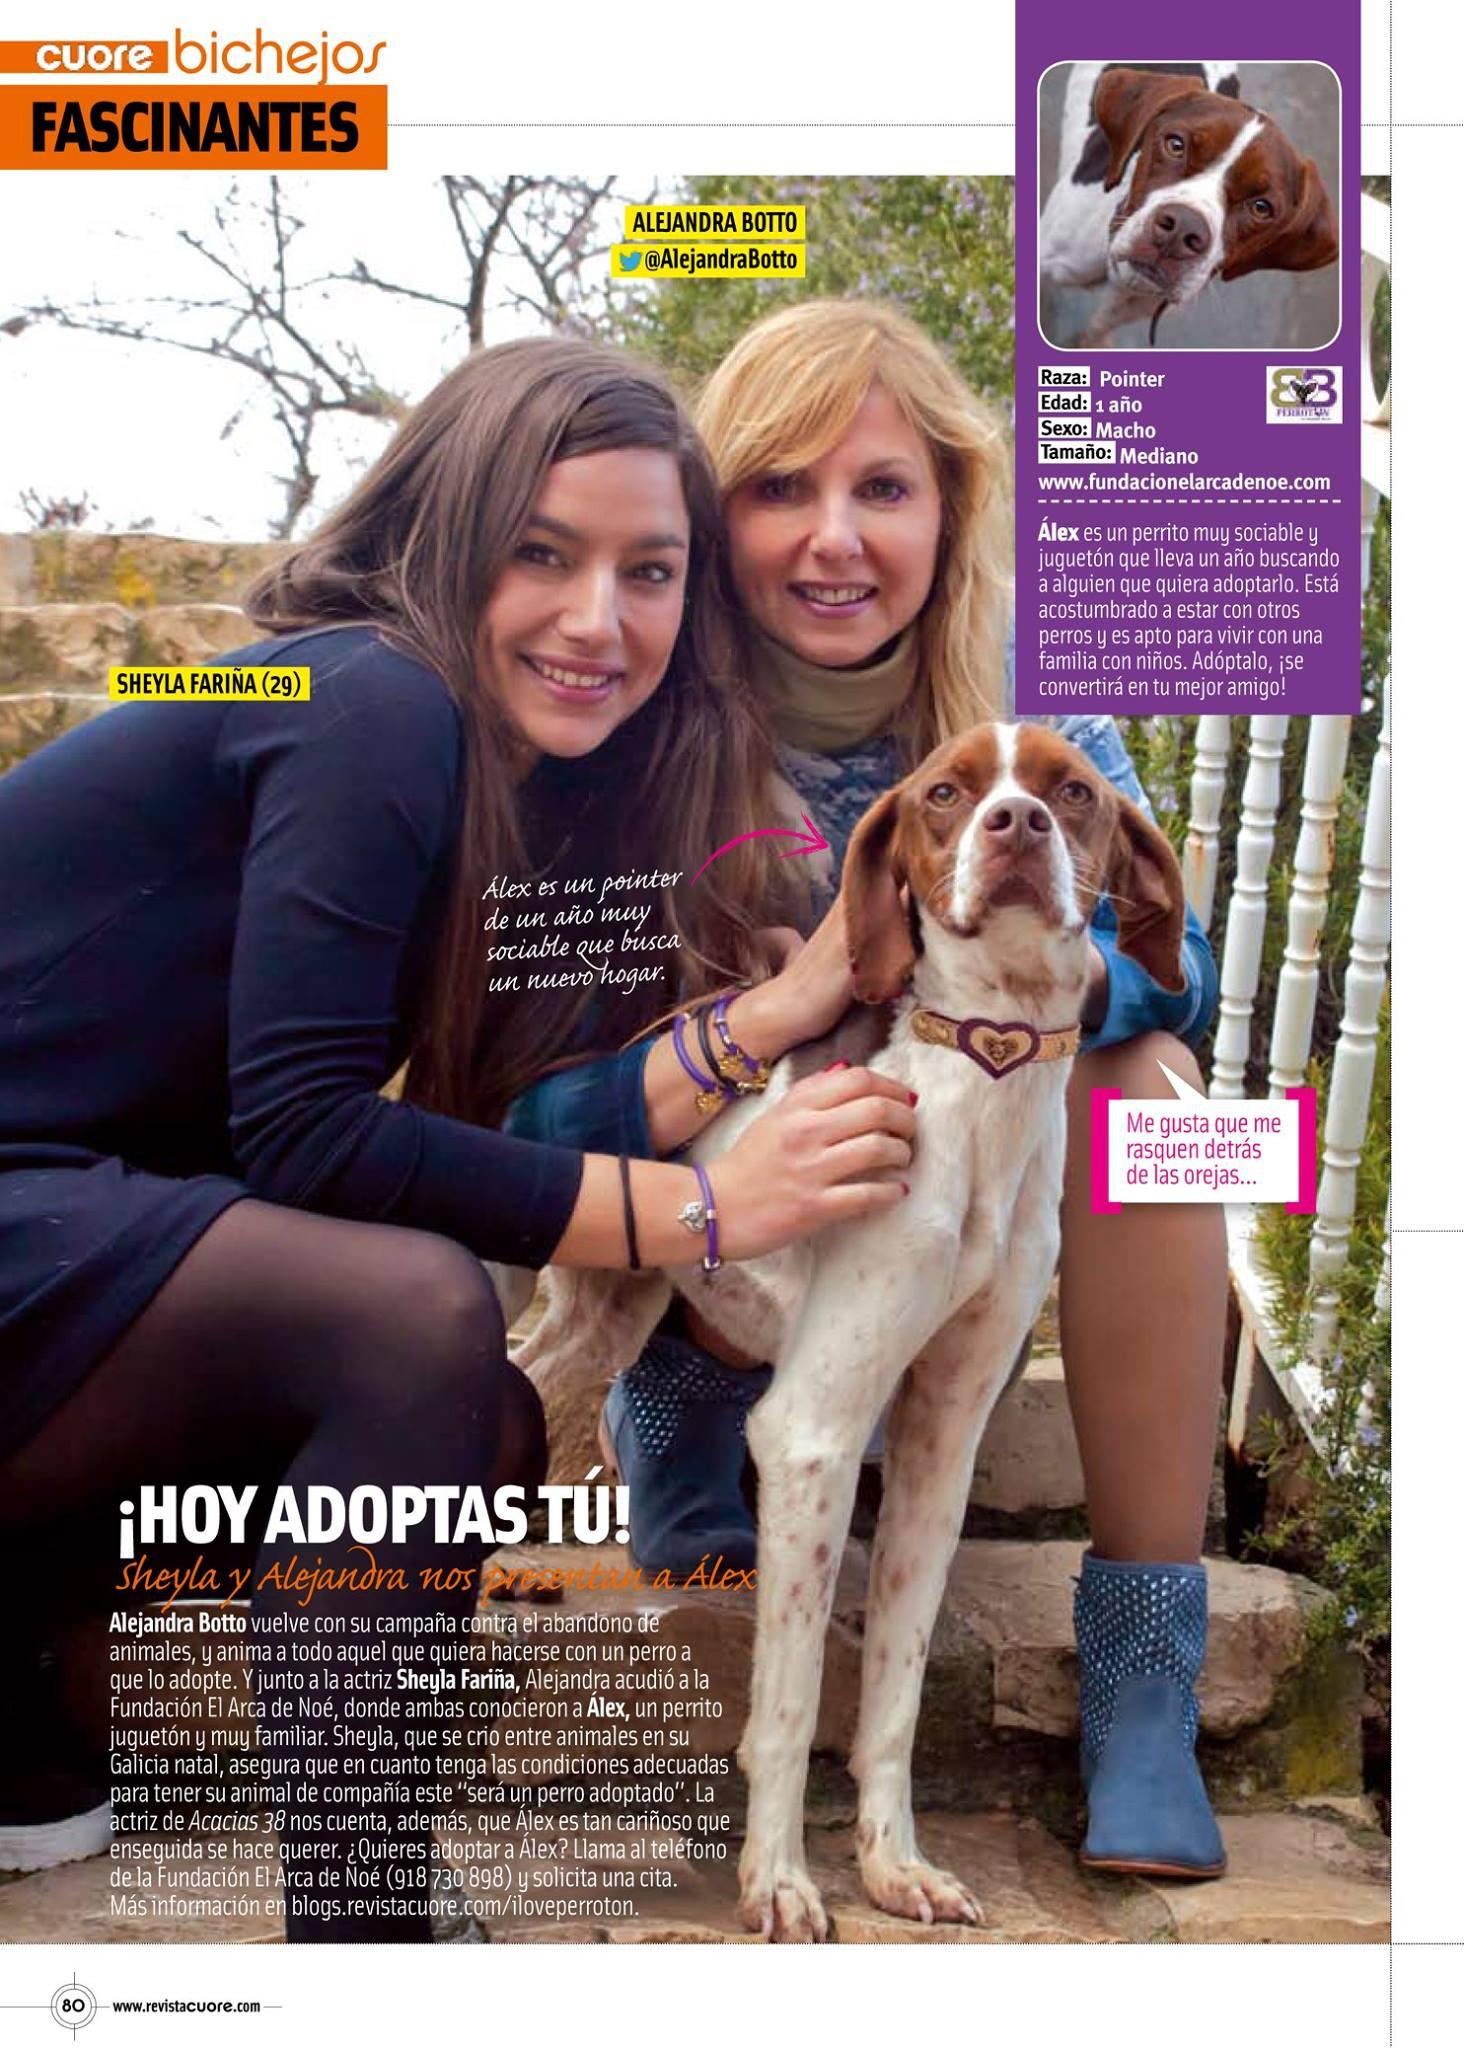 Sheyla Fariña «Hoy adoptas tú»